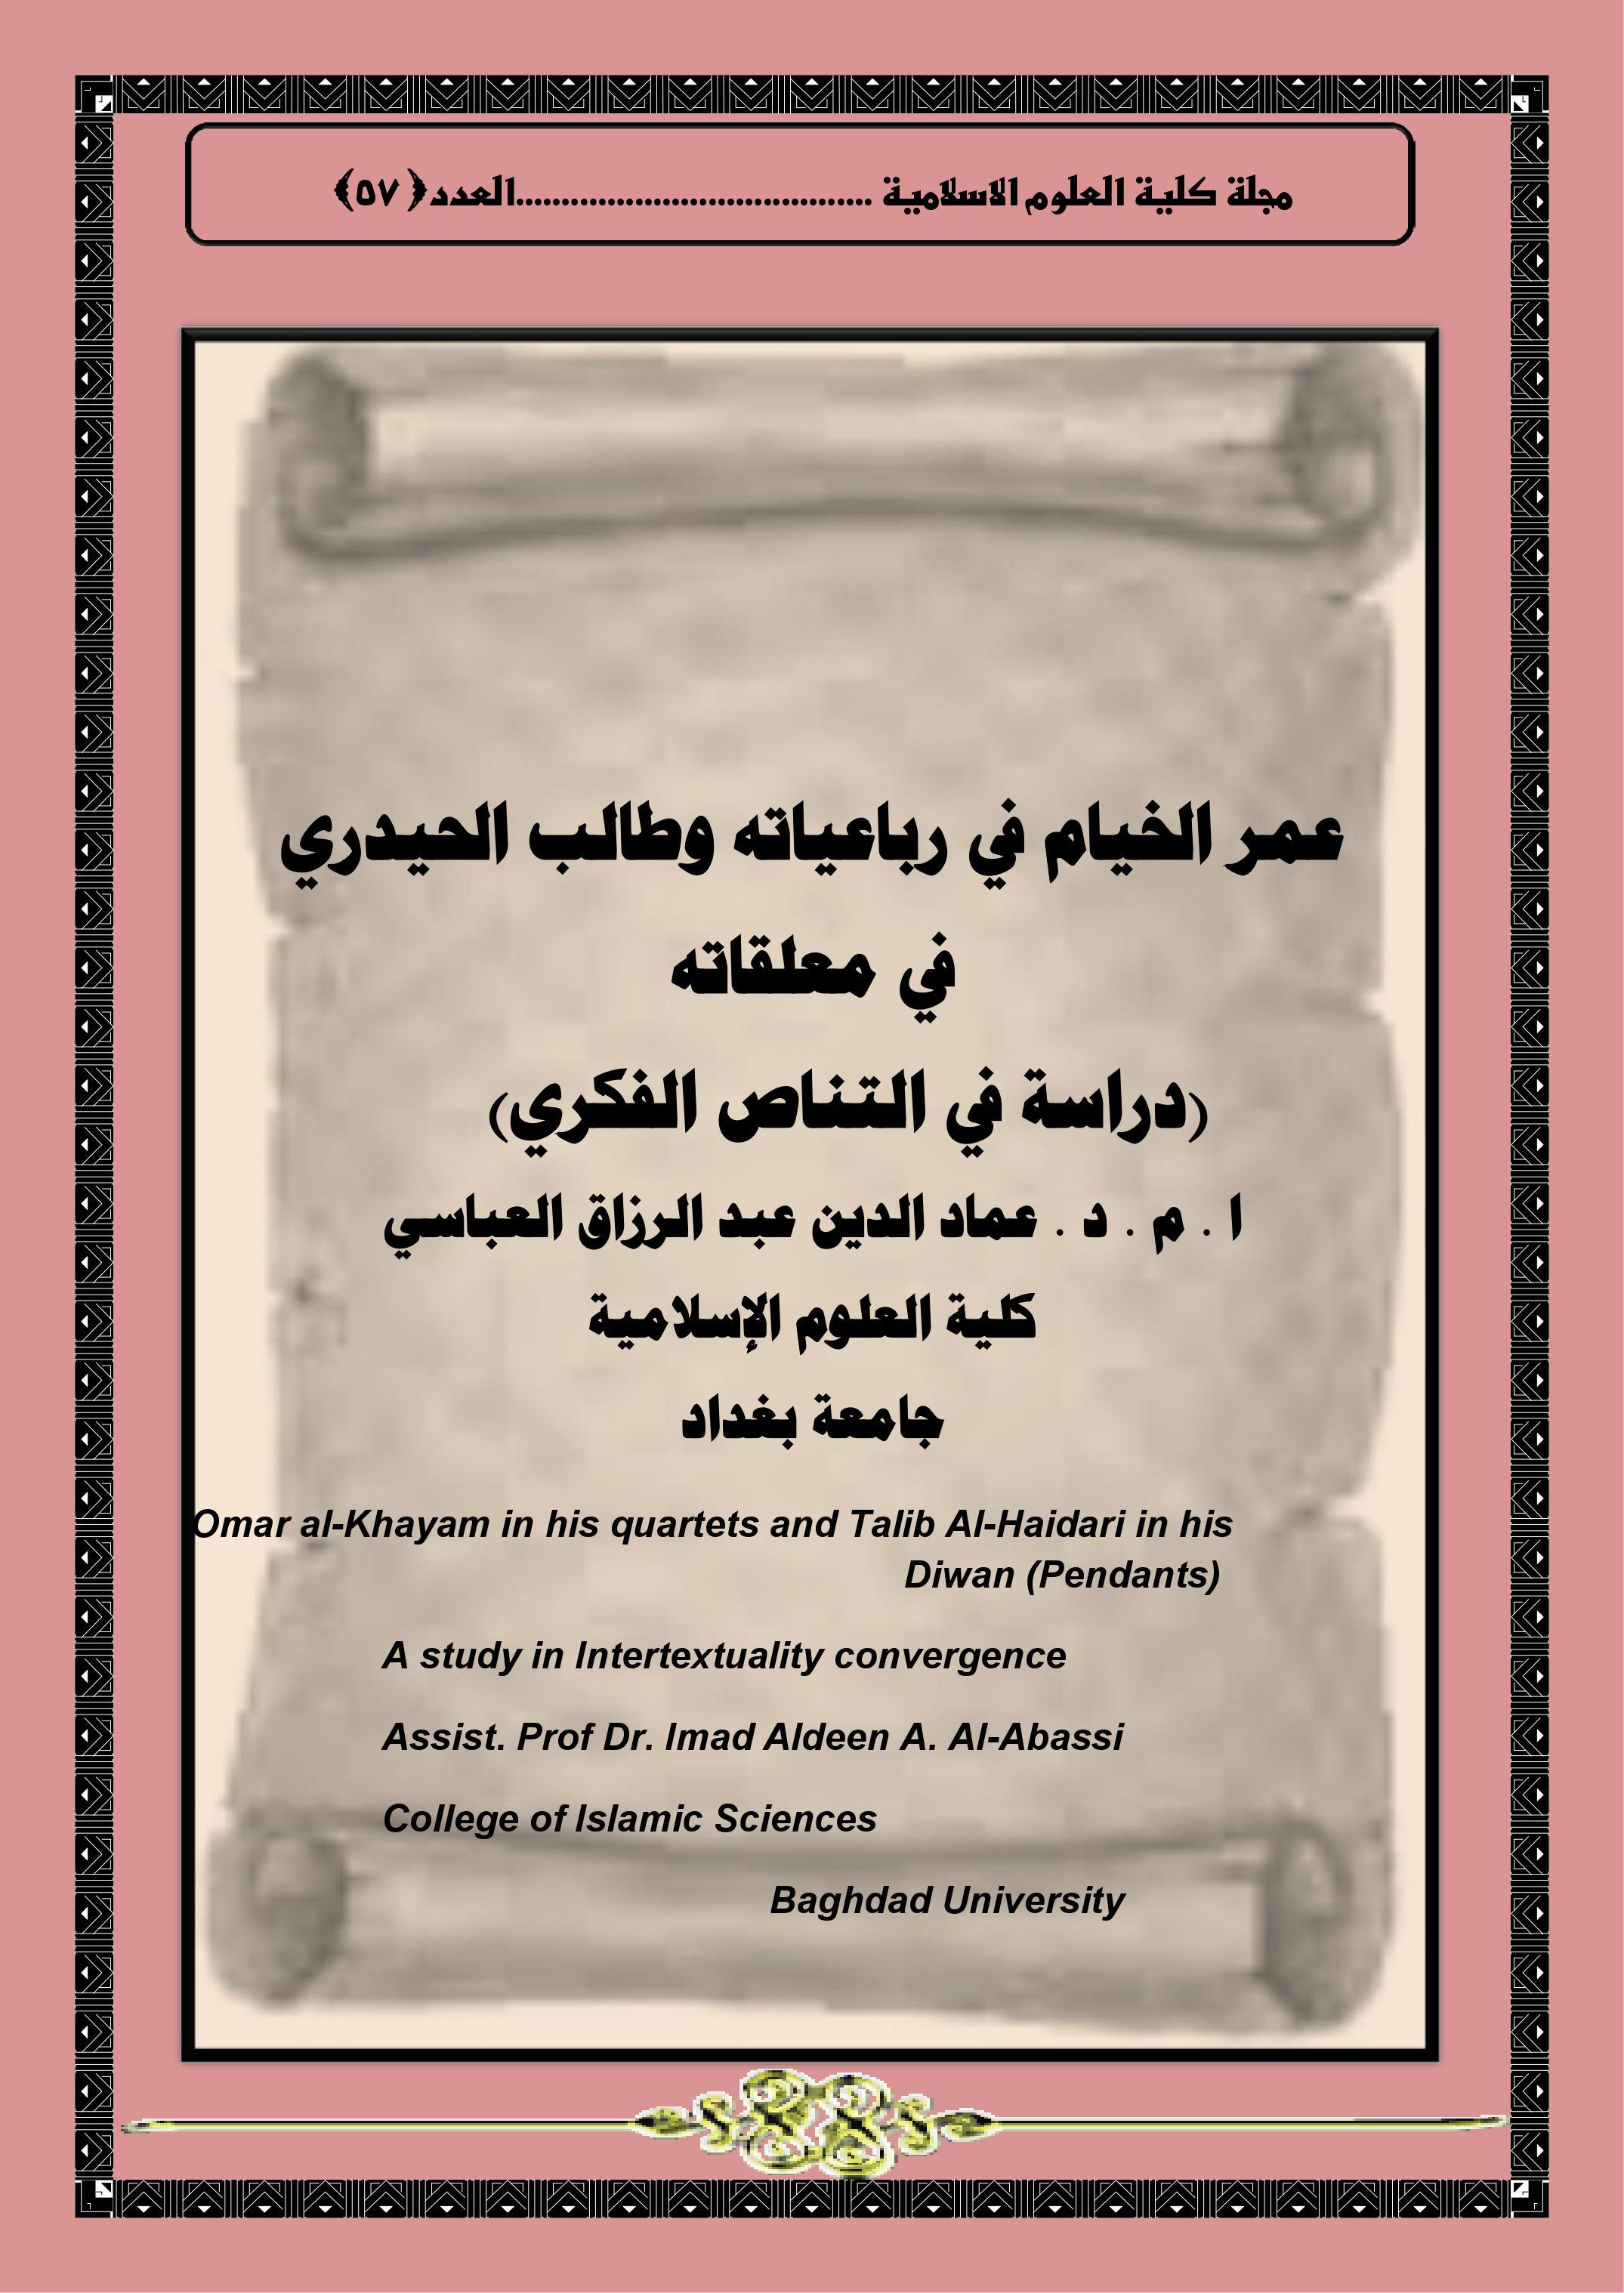 عمر الخيام في رباعياته وطالب الحيدري في معلقاته (دراسة في التناص الفكري)